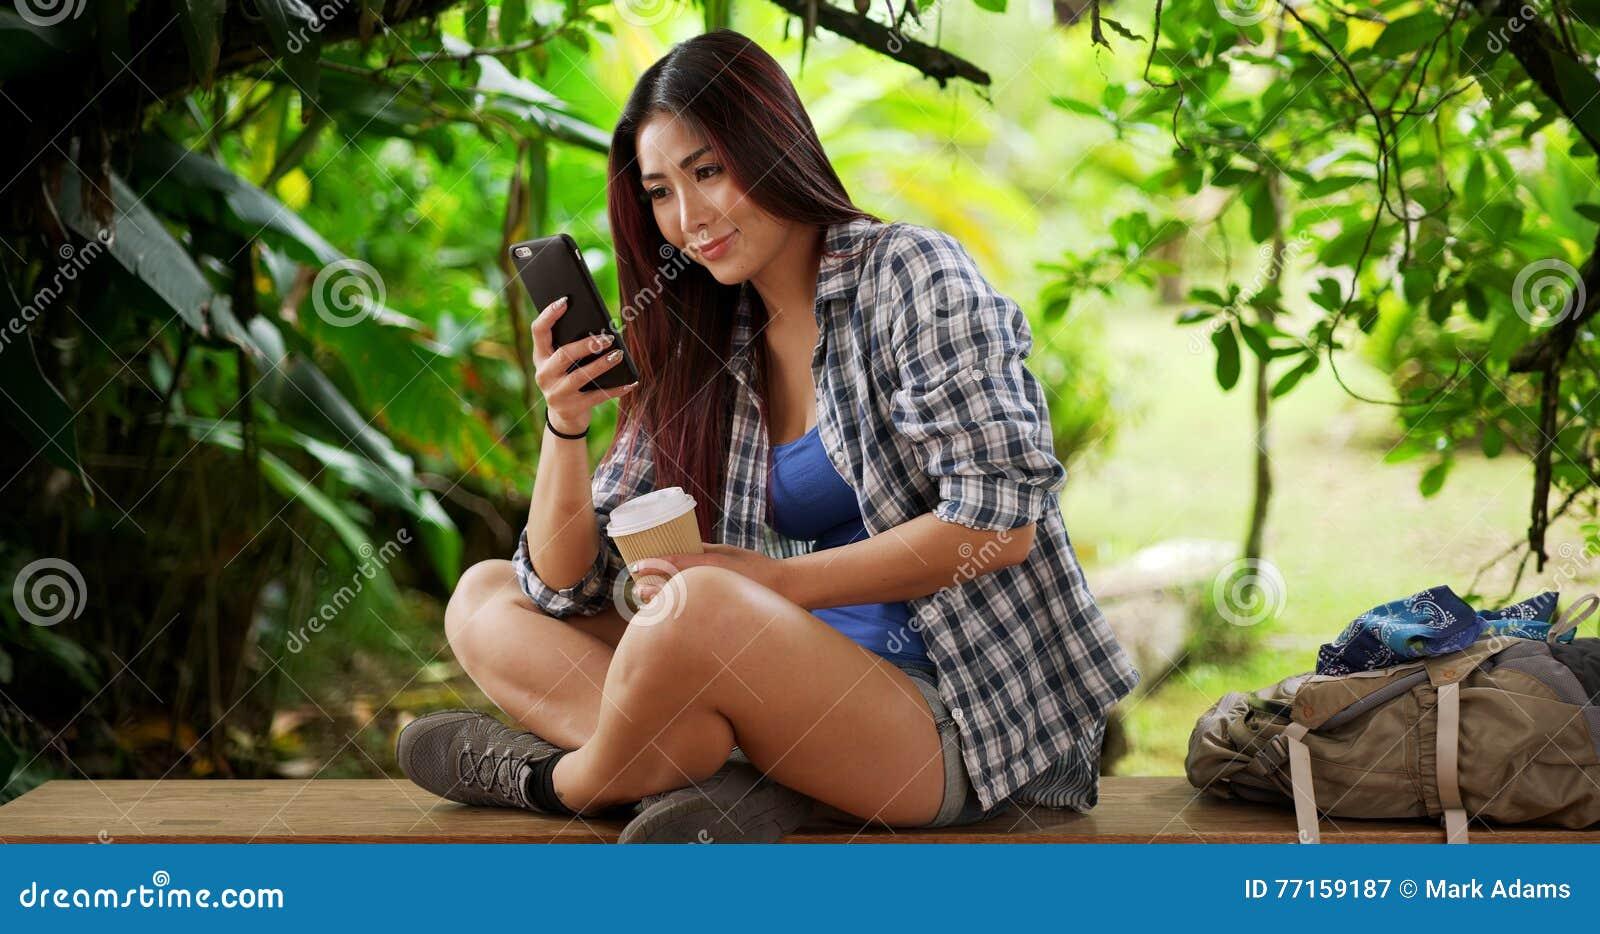 Randonneur japonais de femme faisant une pause sur un banc voisin